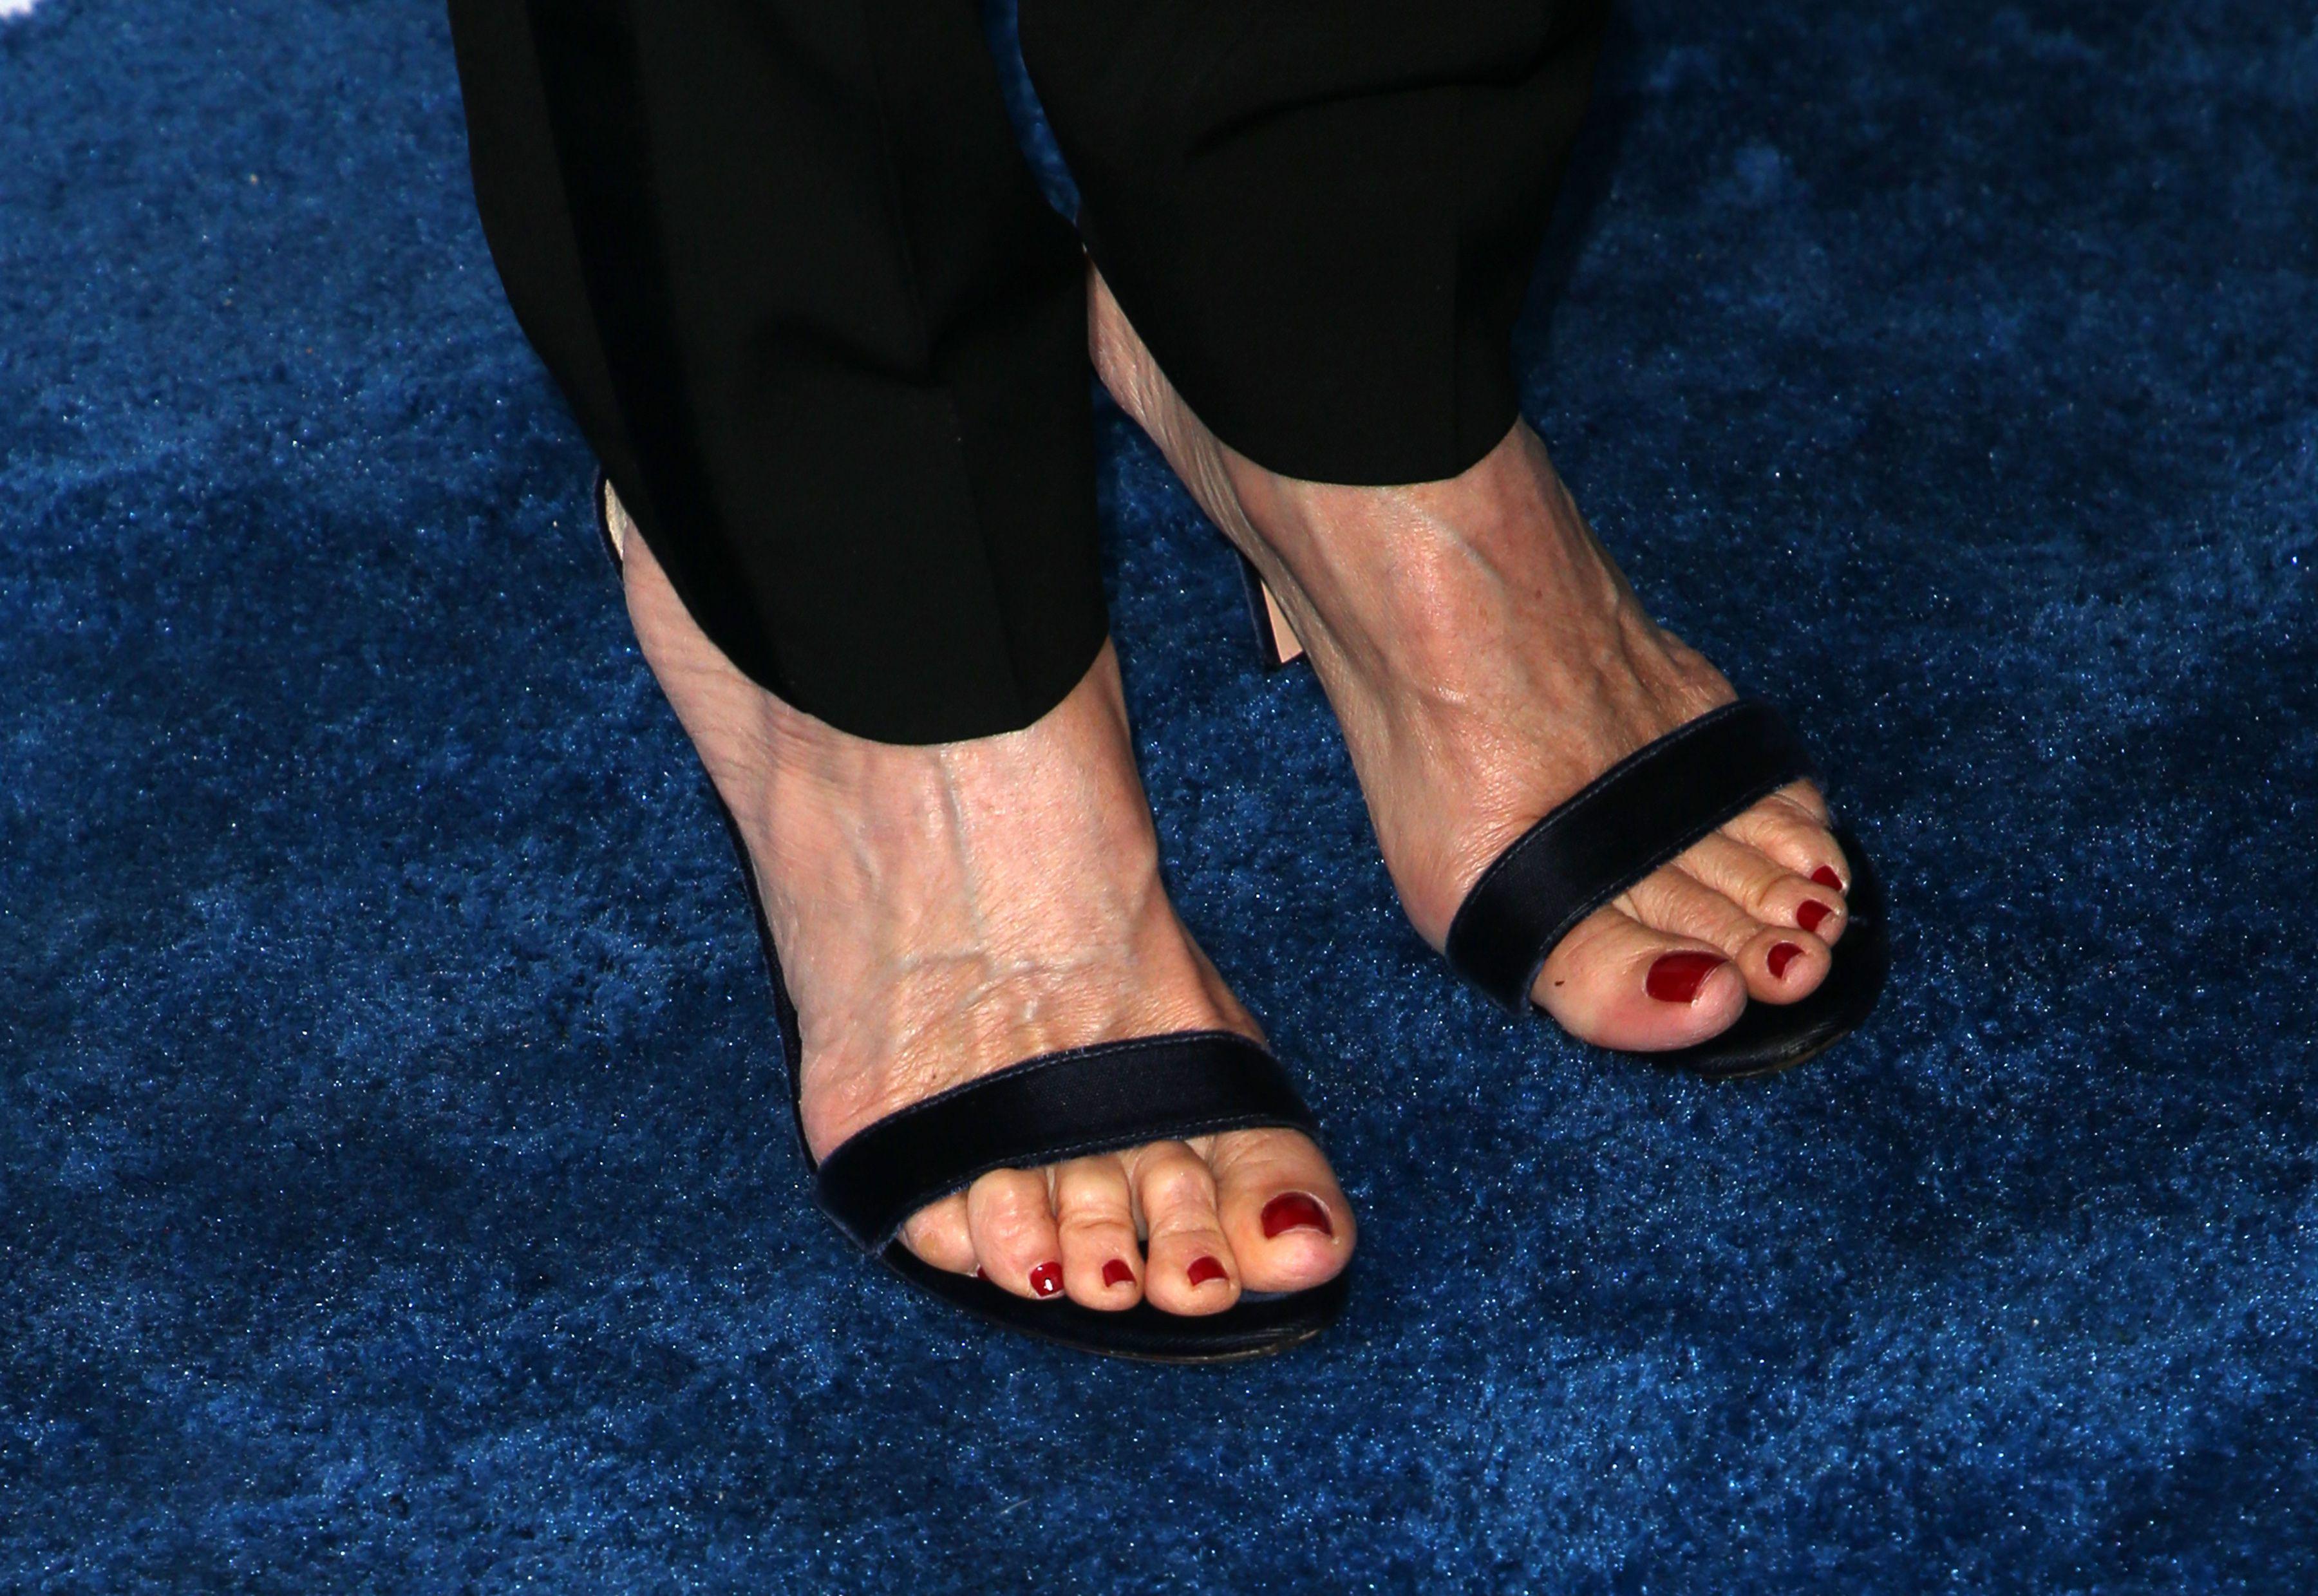 Feet Courtney Love nude photos 2019